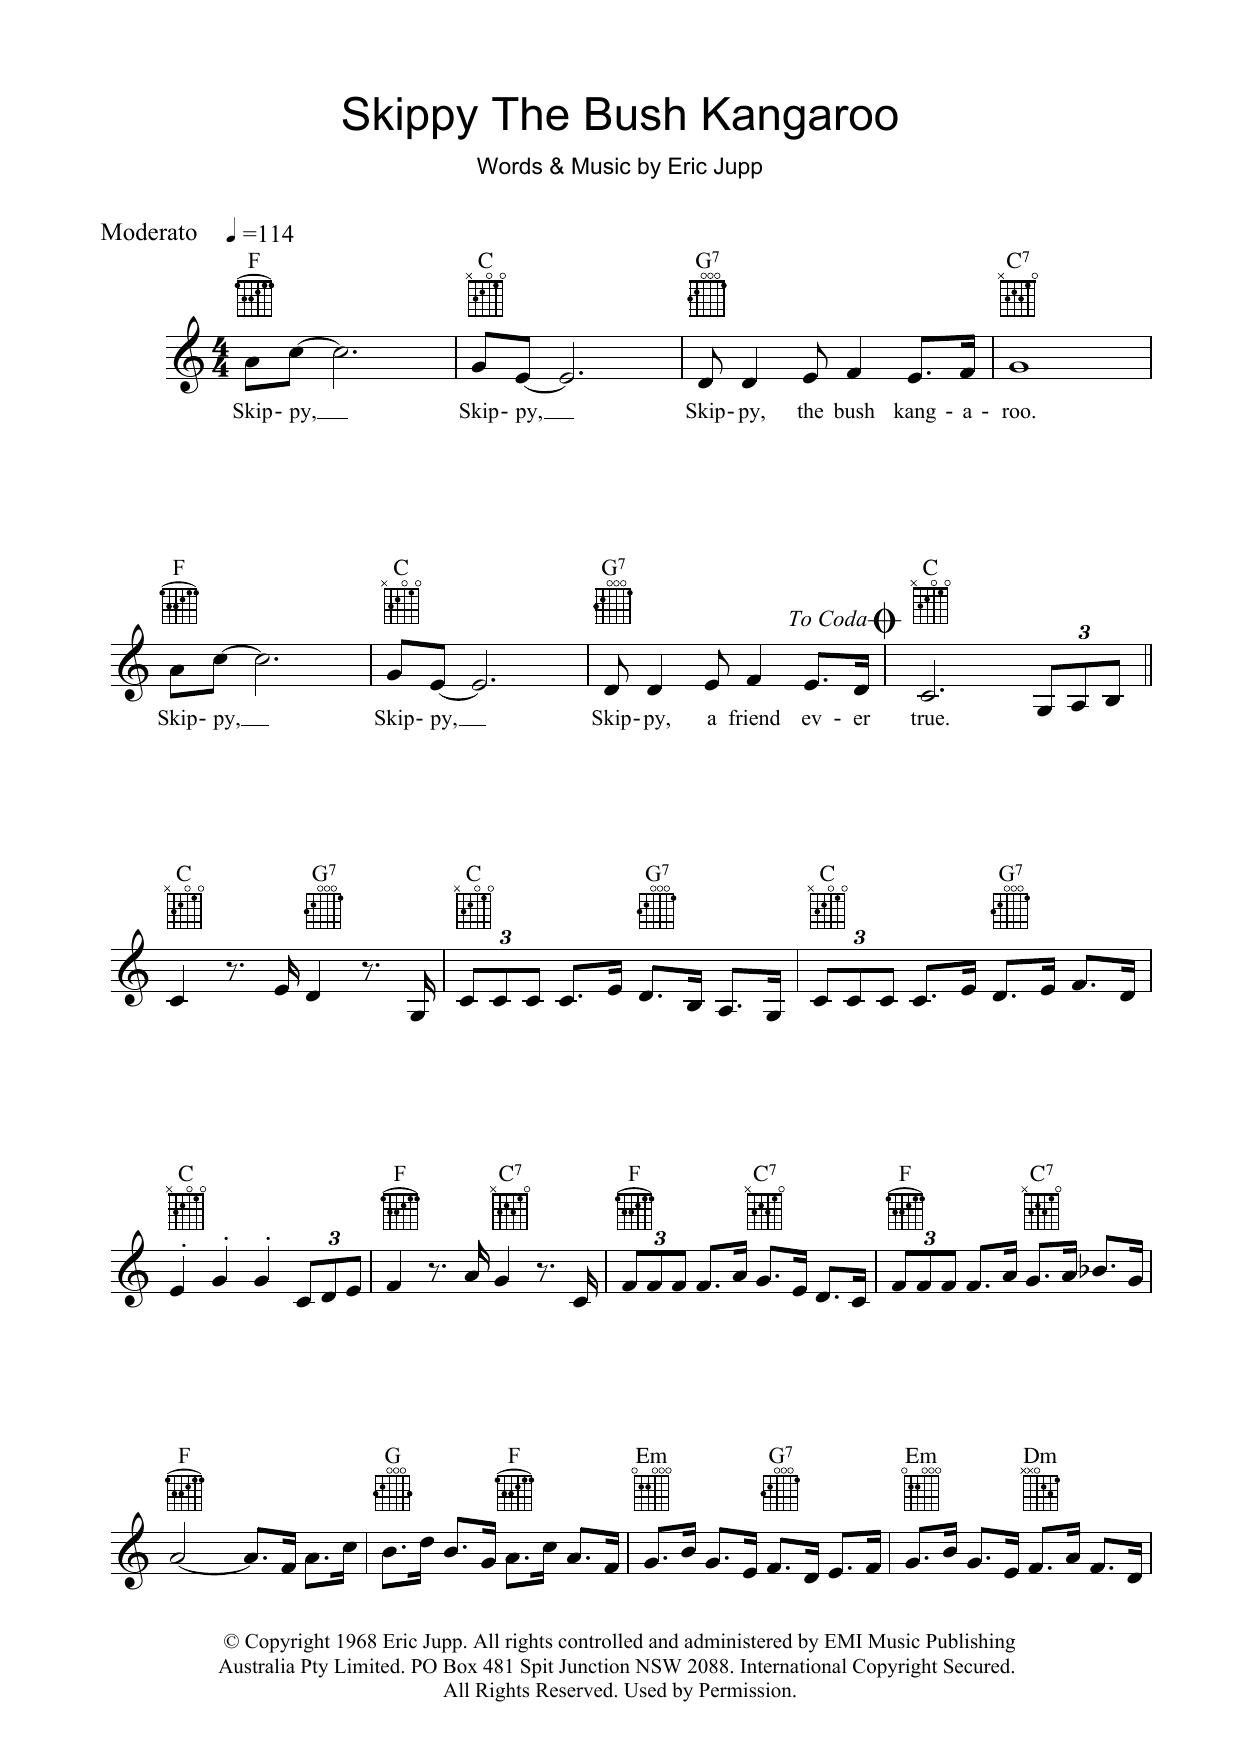 Skippy The Bush Kangaroo Sheet Music